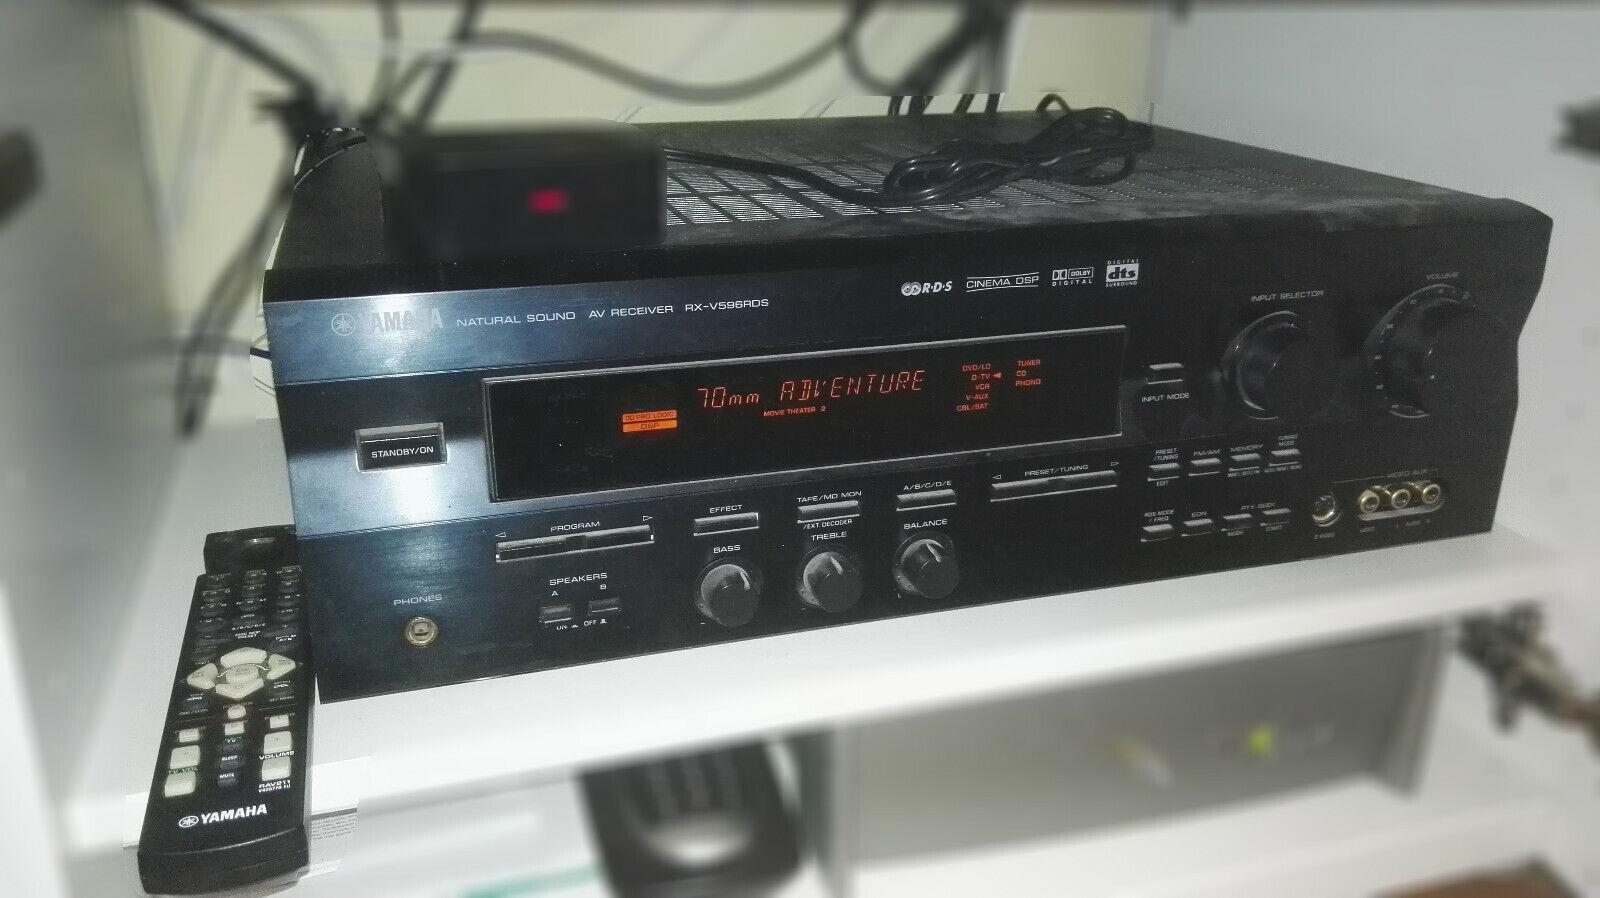 Amplificateur home-cinéma yamaha rx-v596rds